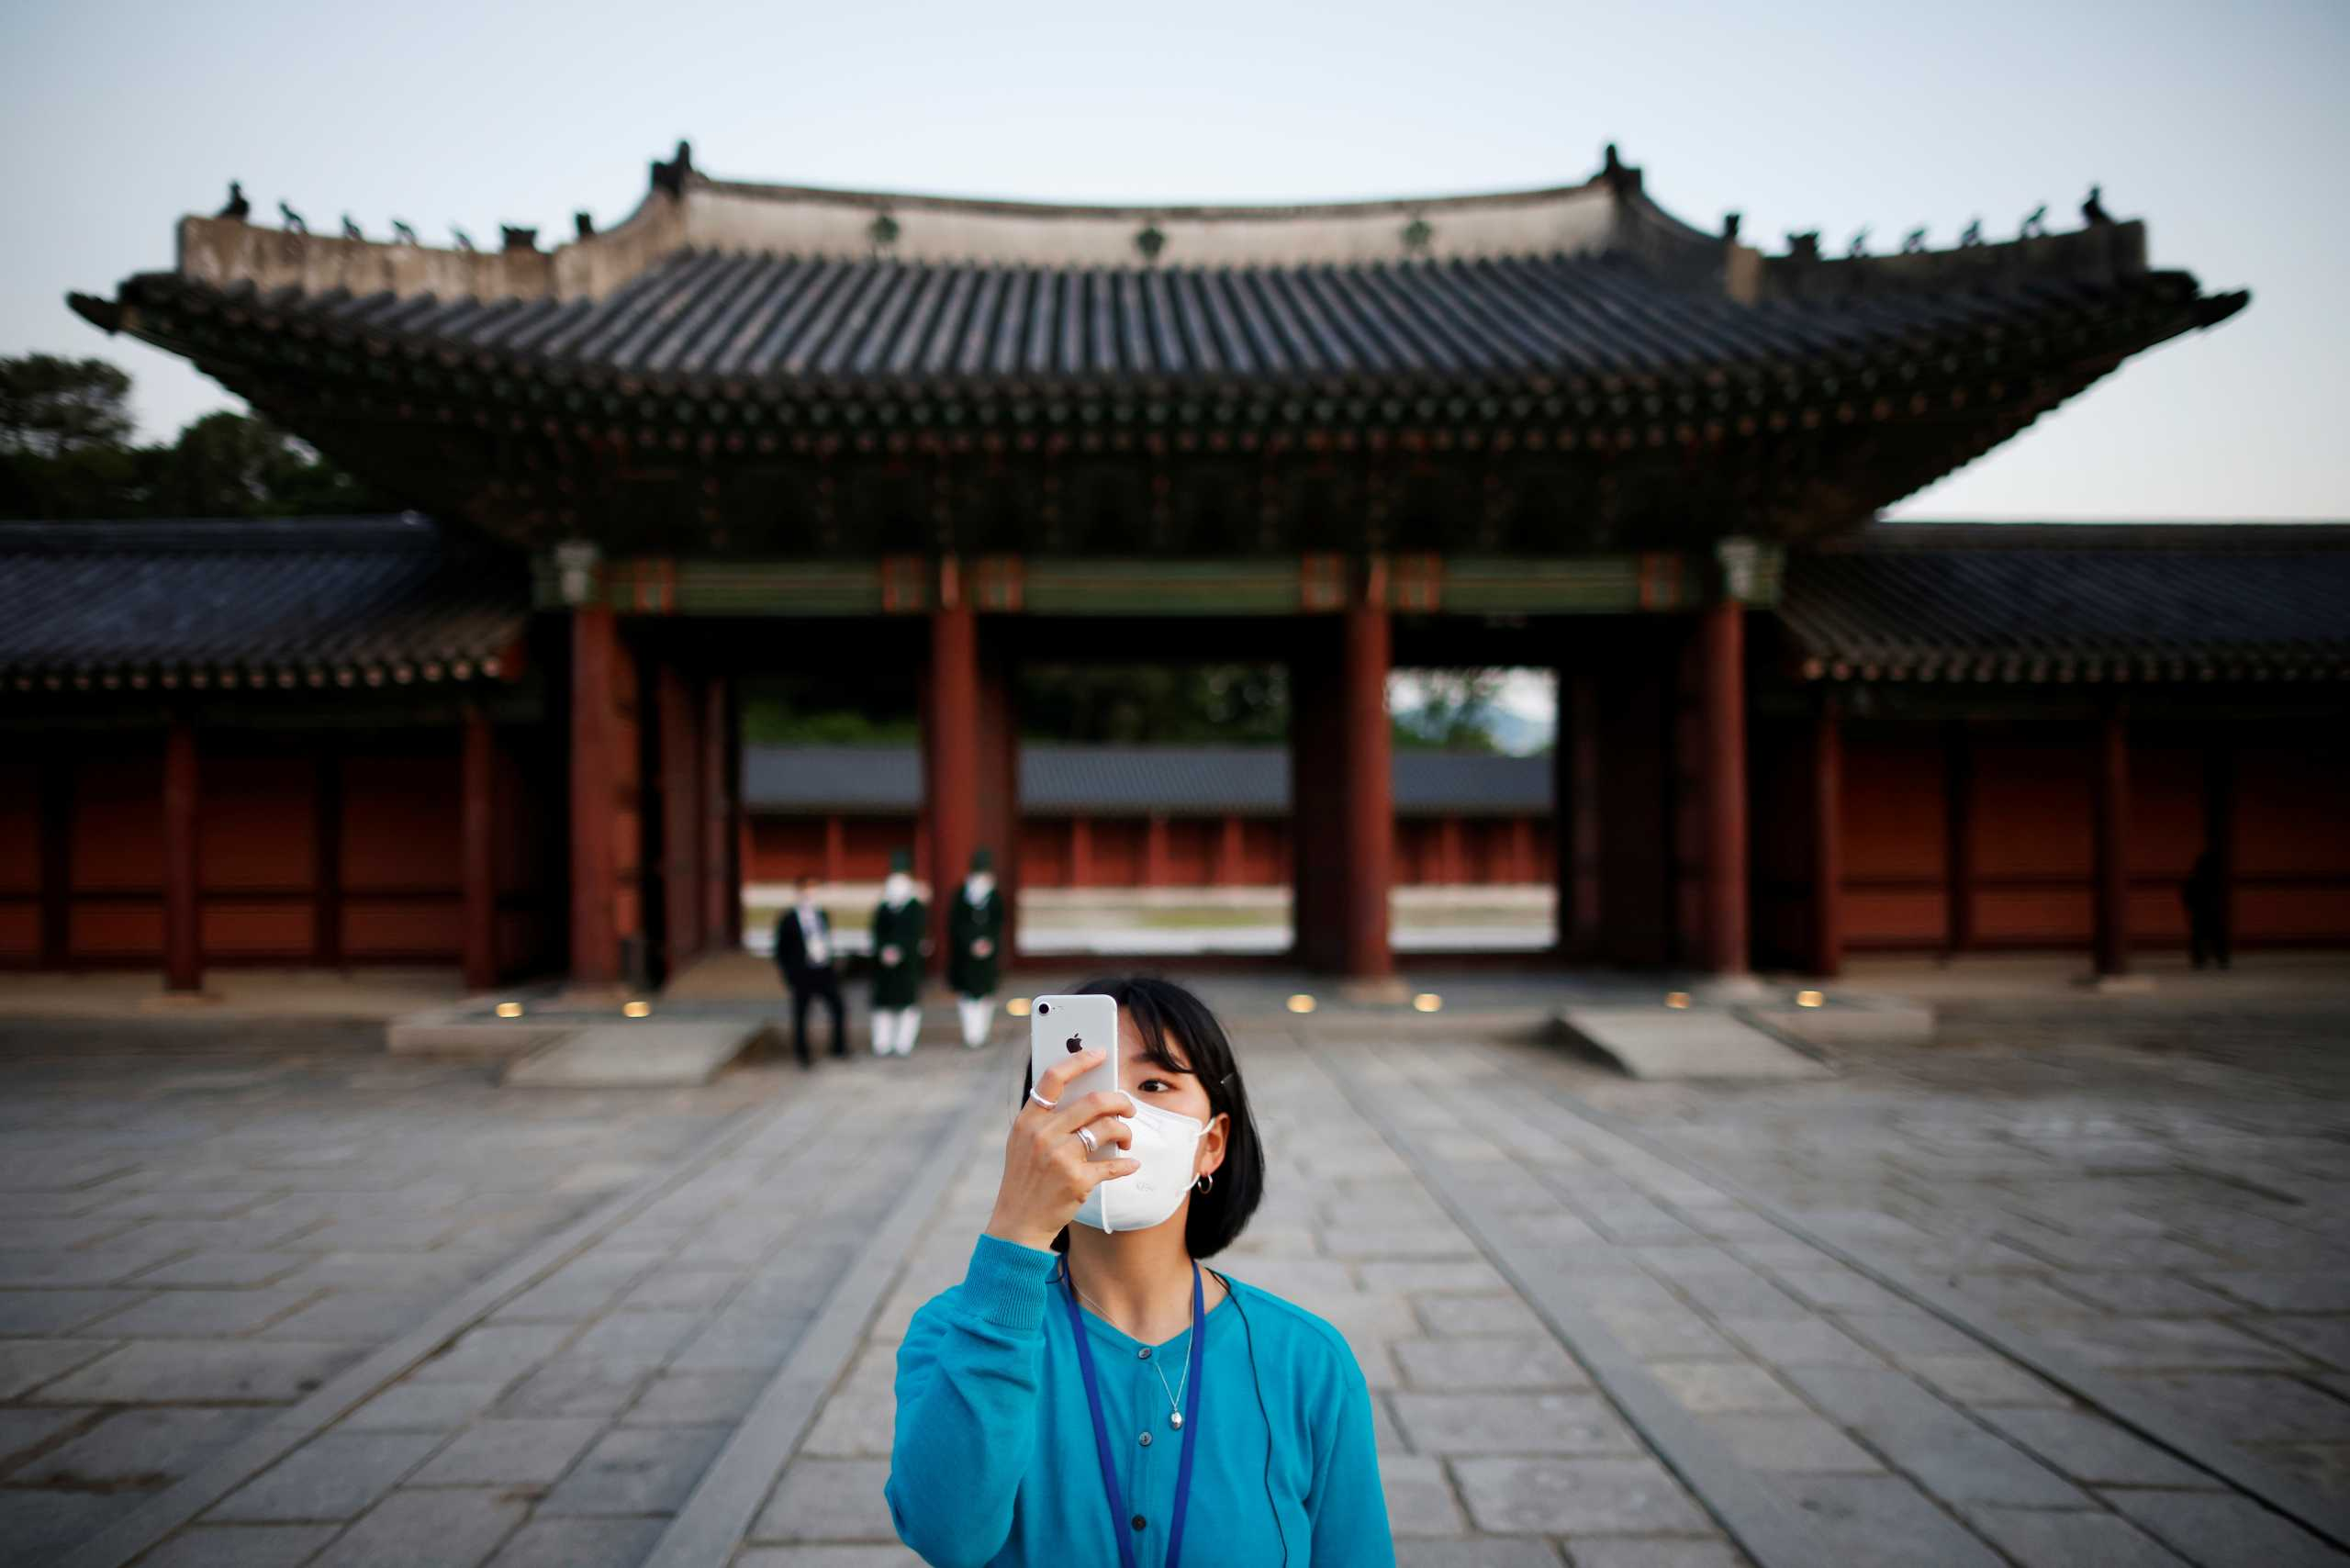 Νότια Κορέα: «Ελευθερώνονται» από τις μάσκες στους εξωτερικούς χώρους όσοι εμβολιάστηκαν